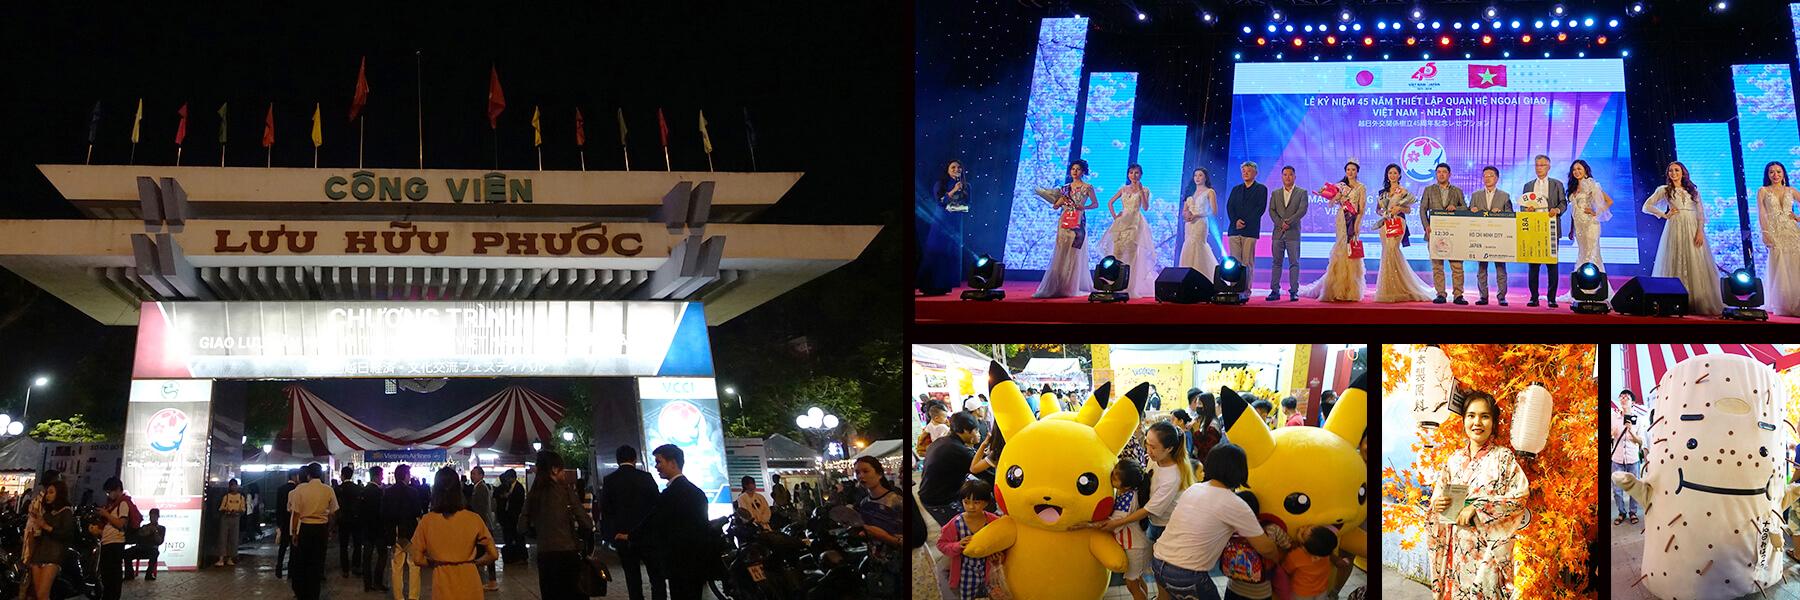 ベトナム南部のカントー市にて『第4回 越日文化・経済交流フェスティバル』が開催